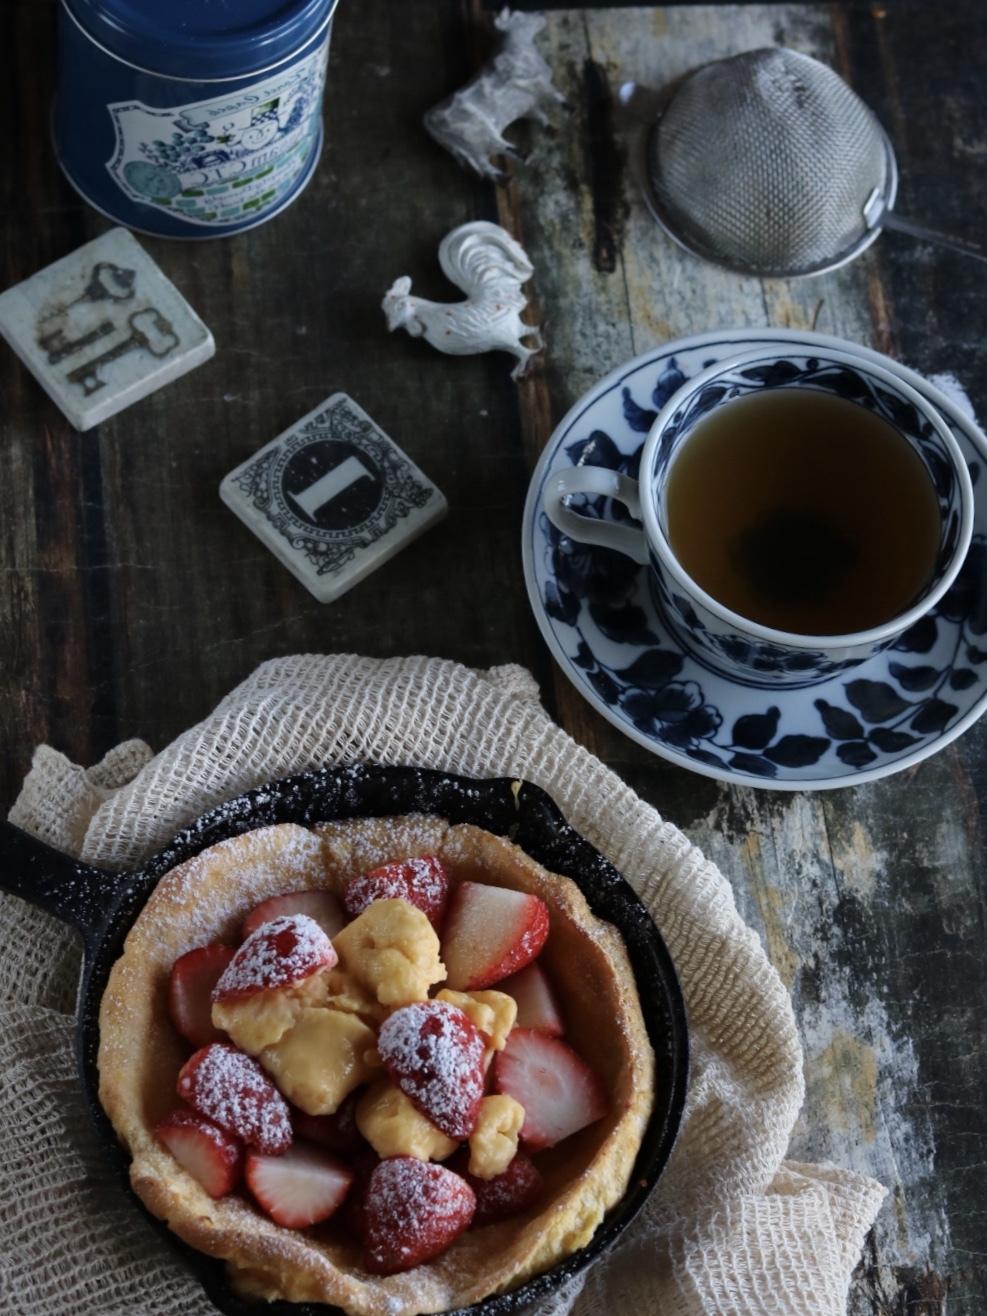 ダッチベィビーパンケーキの朝ごはん_c0366722_08231440.jpeg